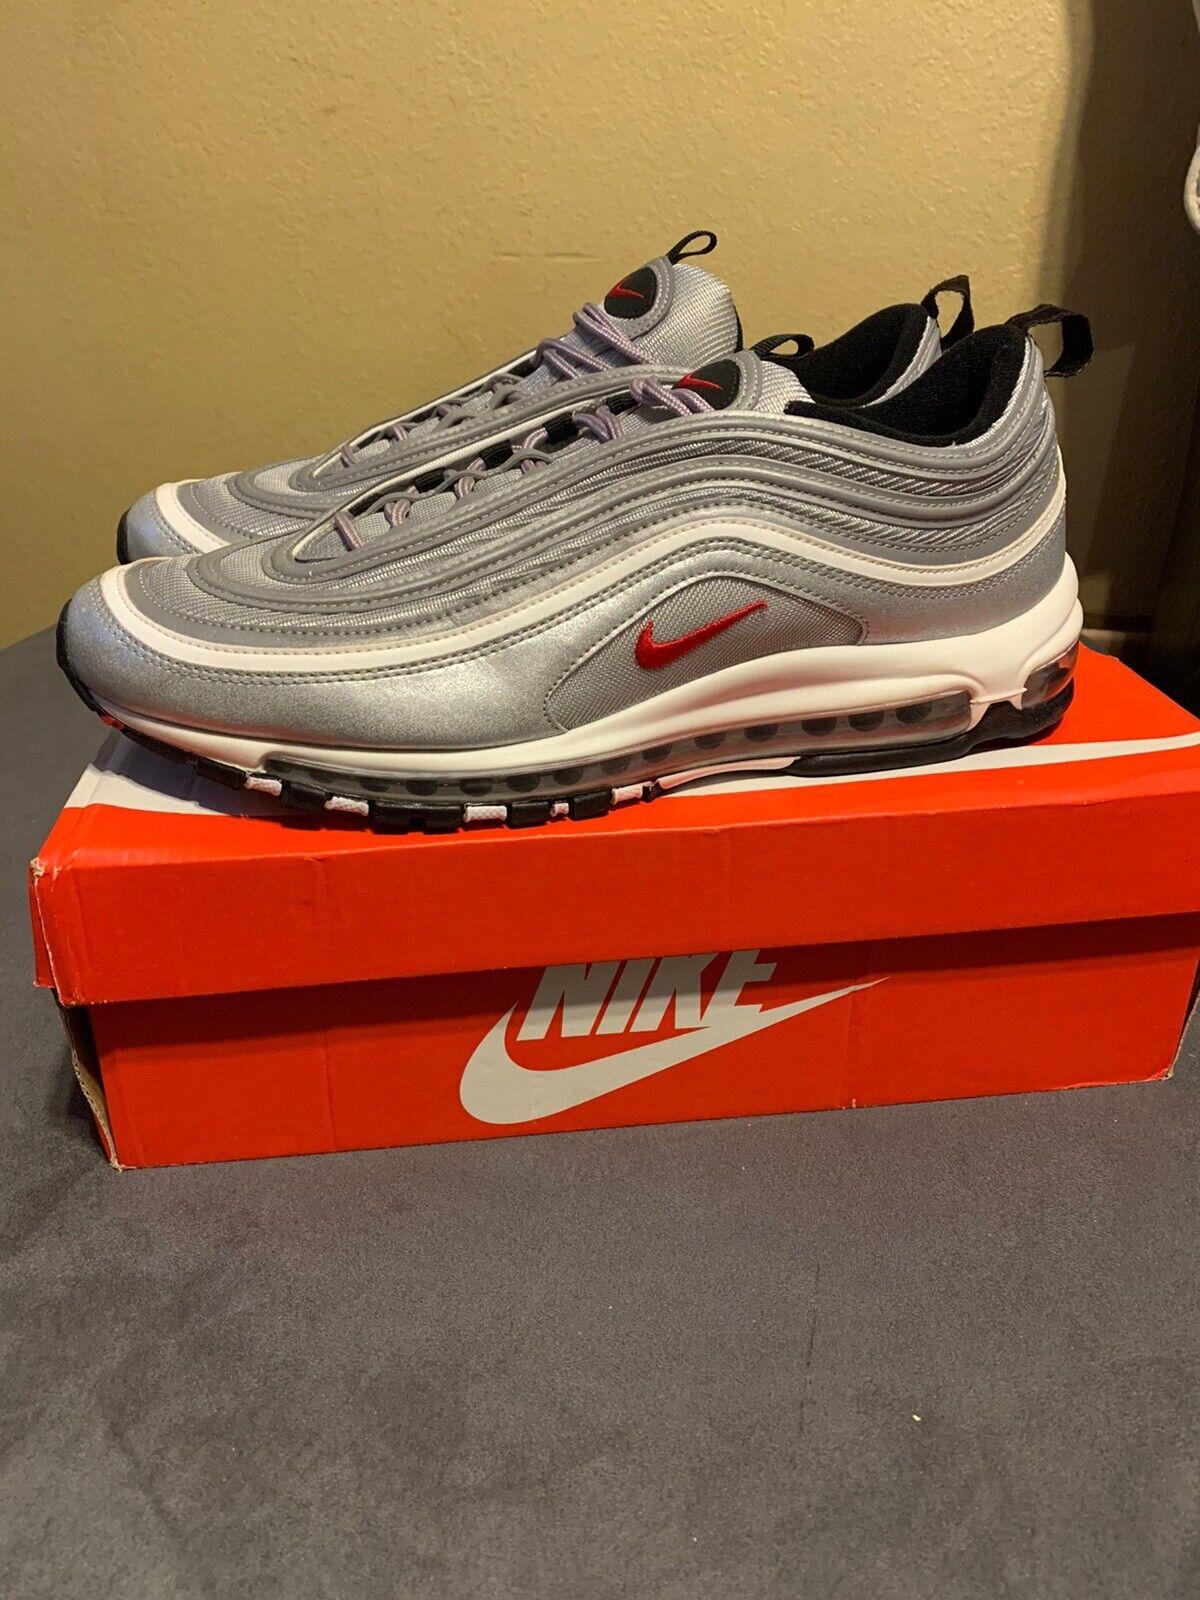 buscar genuino el precio más baratas estilo atractivo Nike Air Max 97 OG QS 884421-001 Silver Bullet in Hand Metallic ...